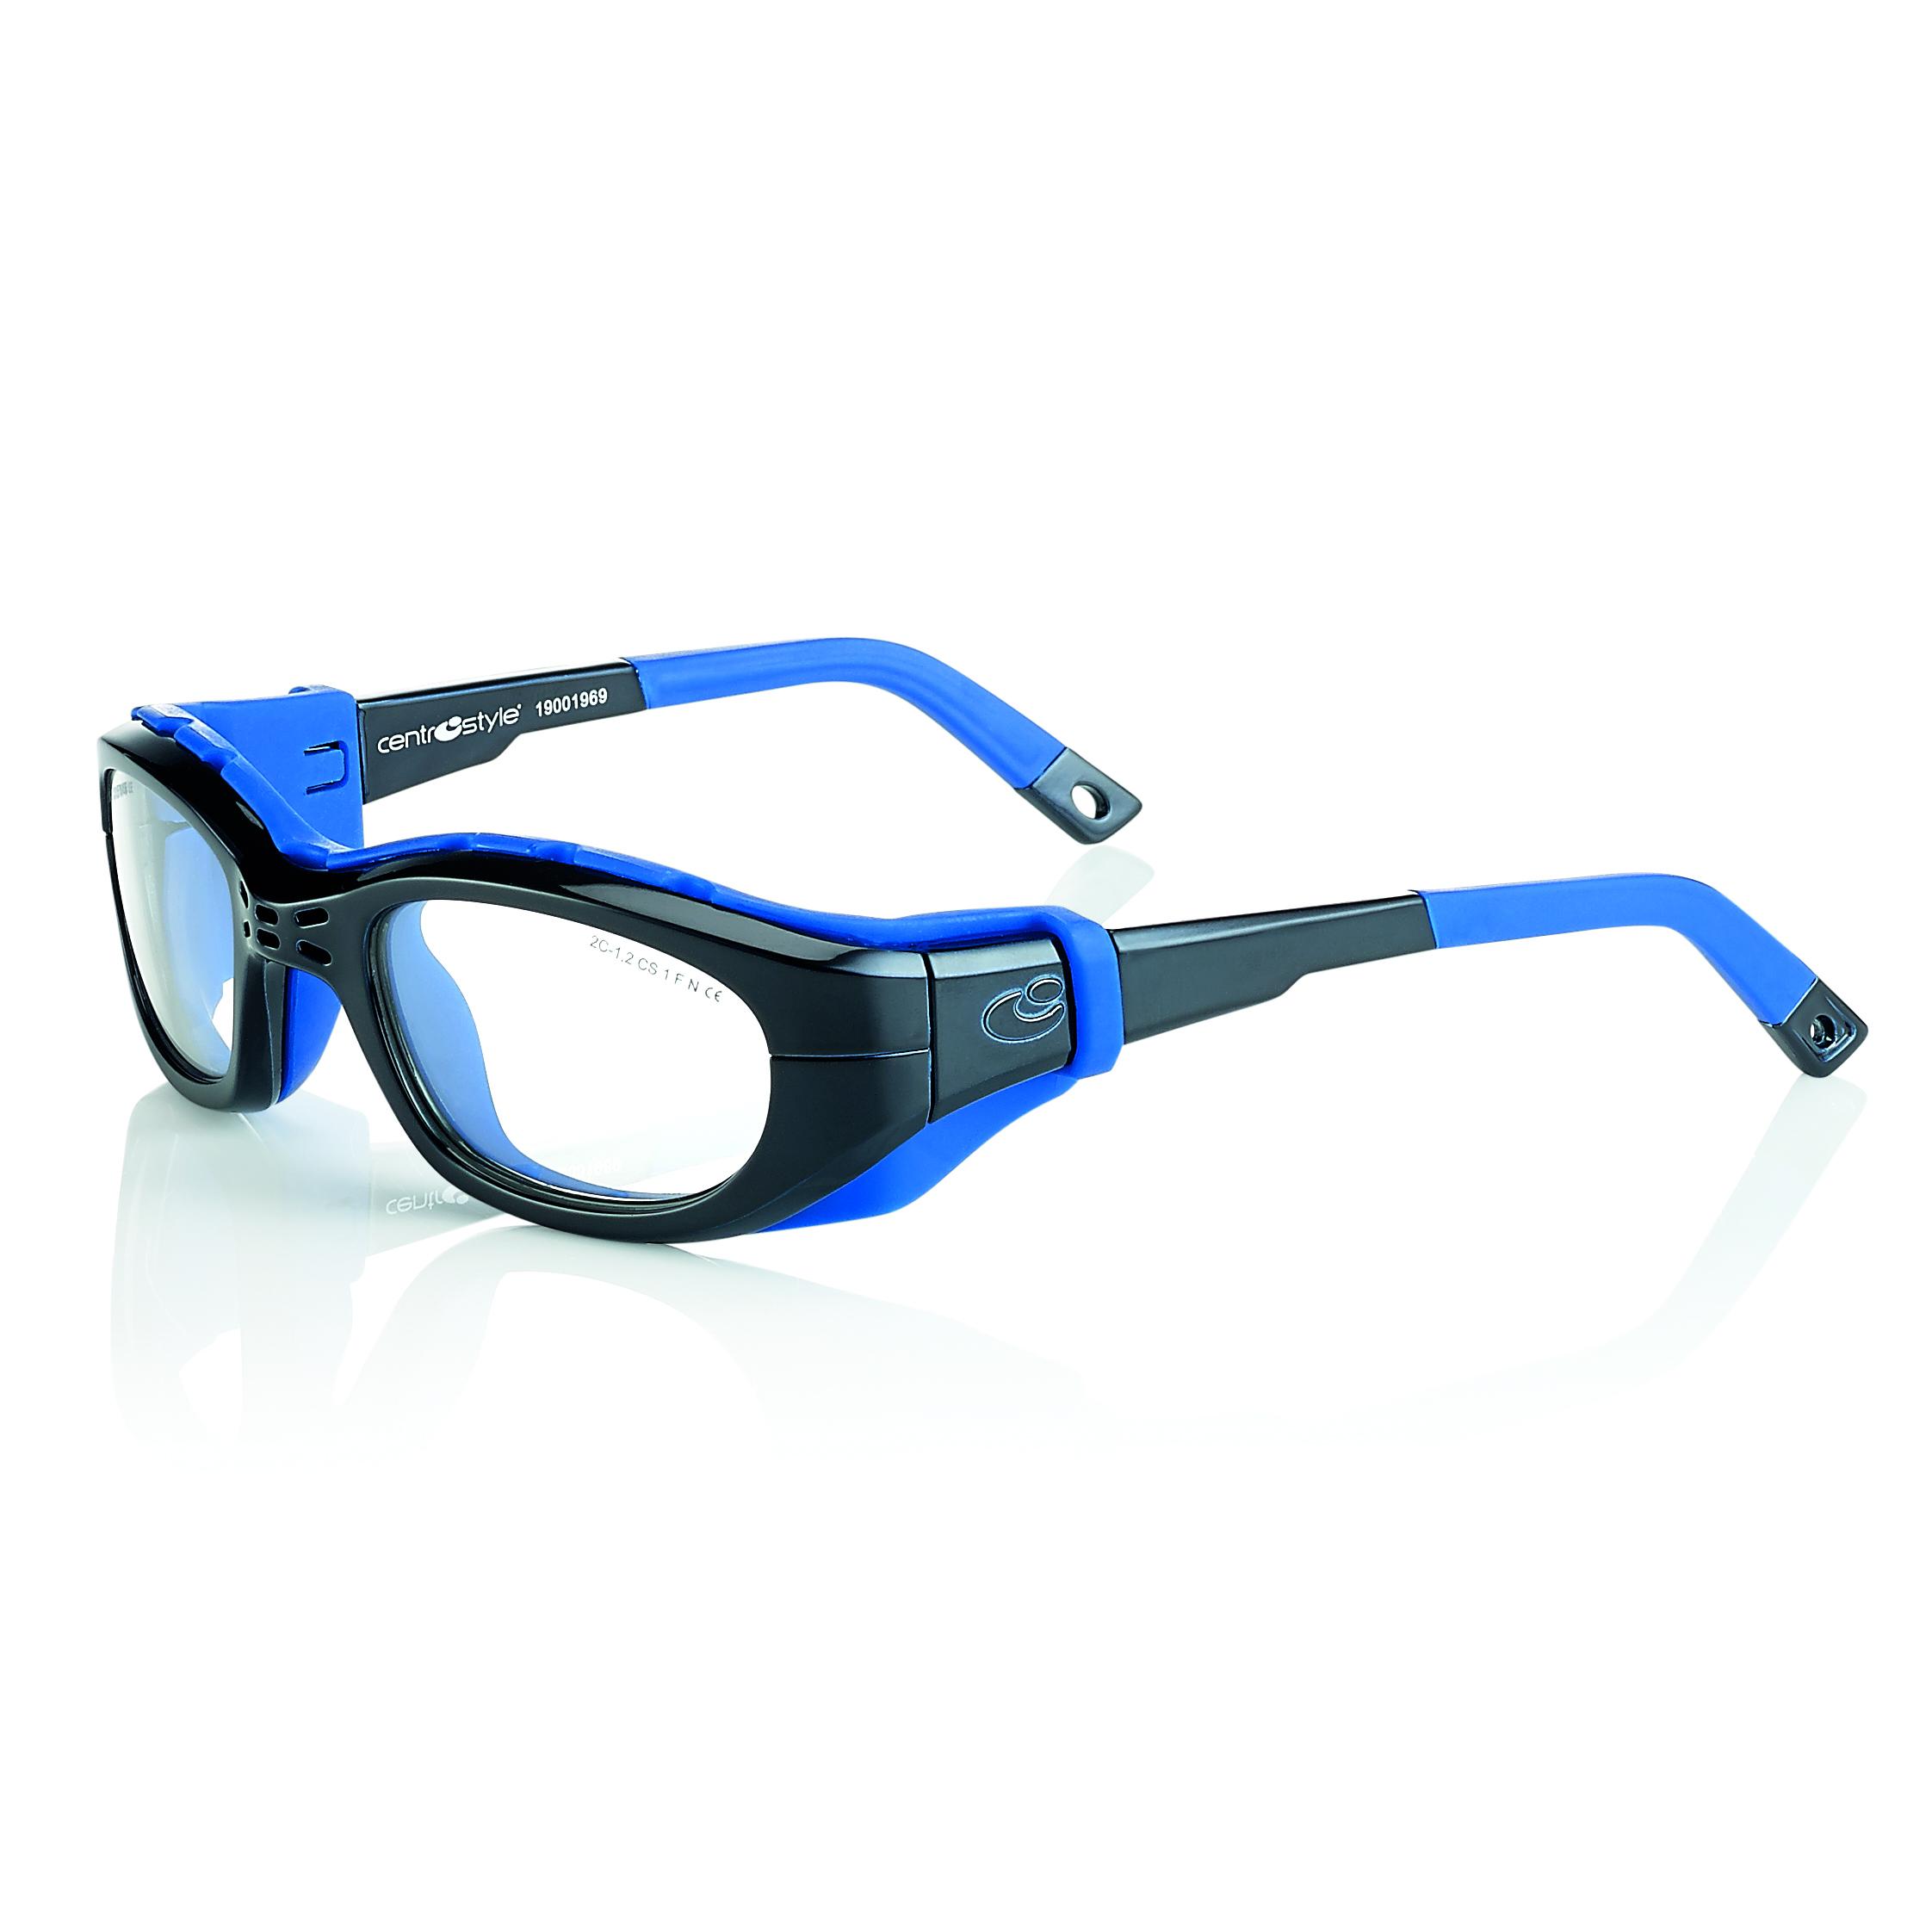 02F025751242000-Óculos Proteção Esporte Banda Elástica e Haste 51x23 Preto/Azul Mod 025757 FLAG E - Contém 1 Peça  - SOB ENCOMENDA